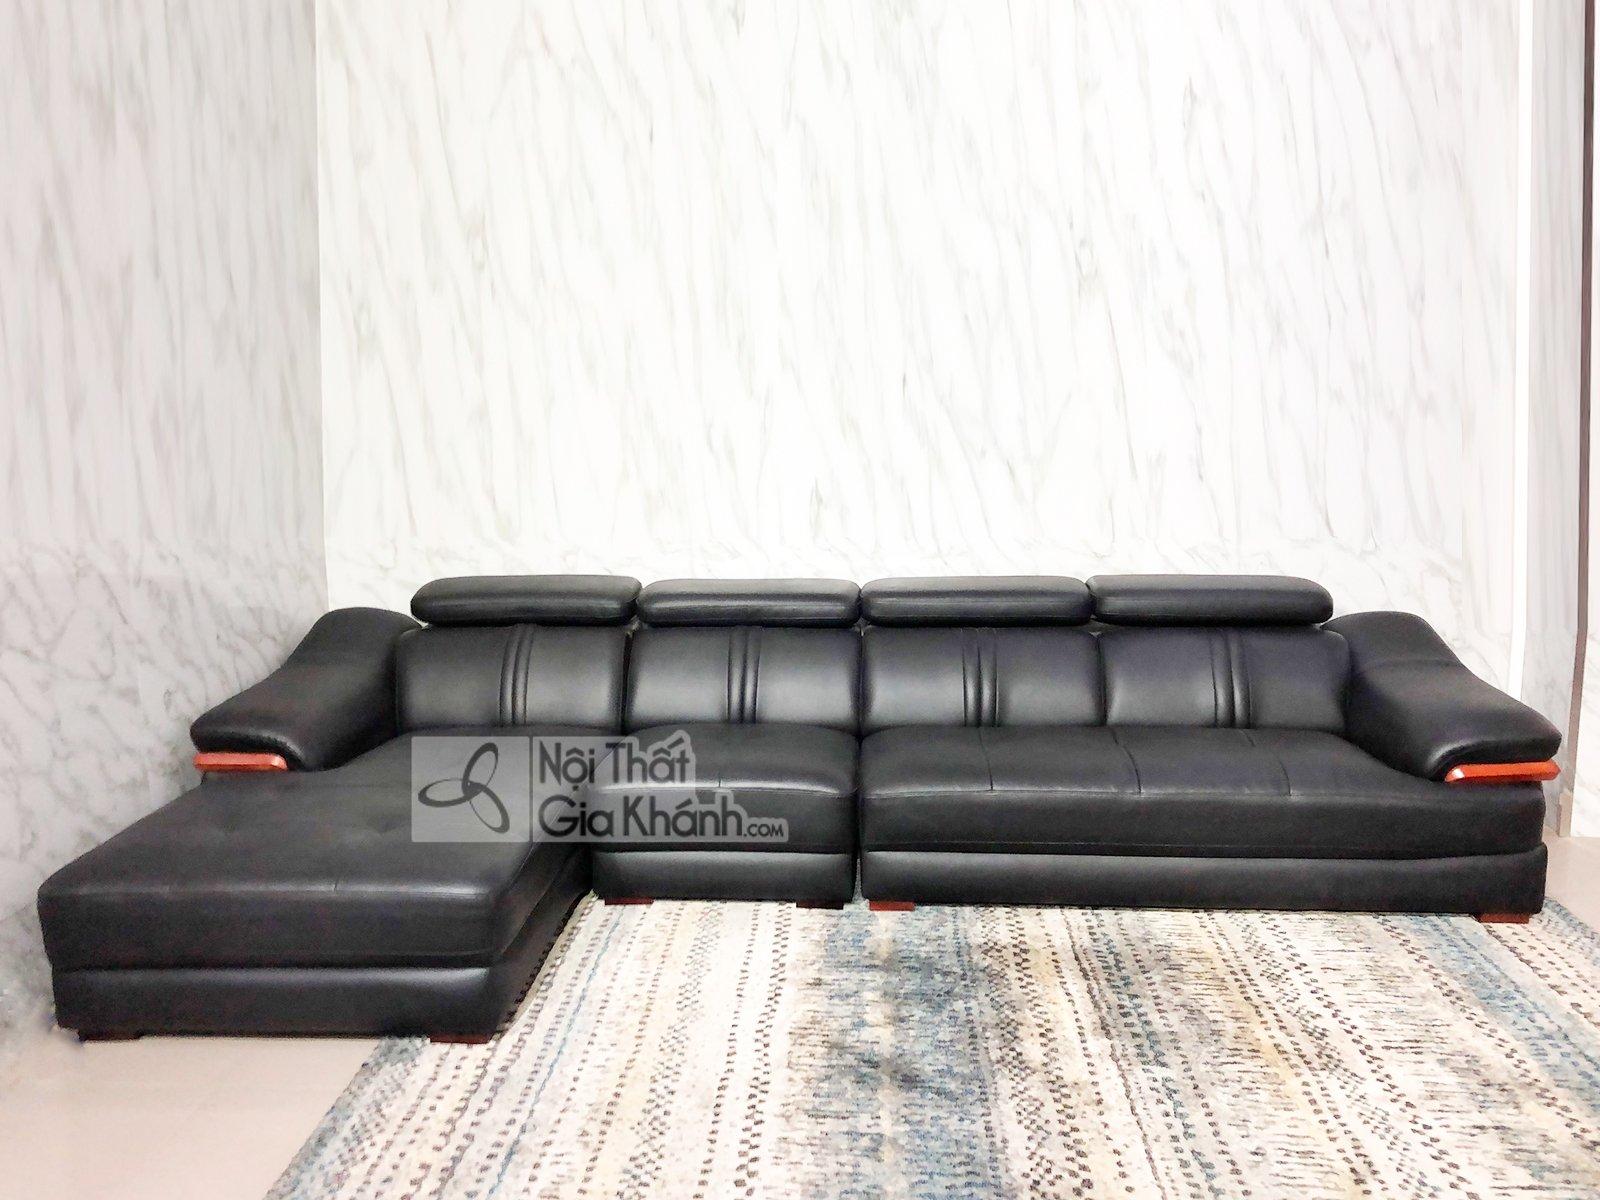 sofa da 3 bang goc phai phong khach 6724d sf 2 - SOFA DA 3 BĂNG GÓC PHẢI PHÒNG KHÁCH 6724D-SF